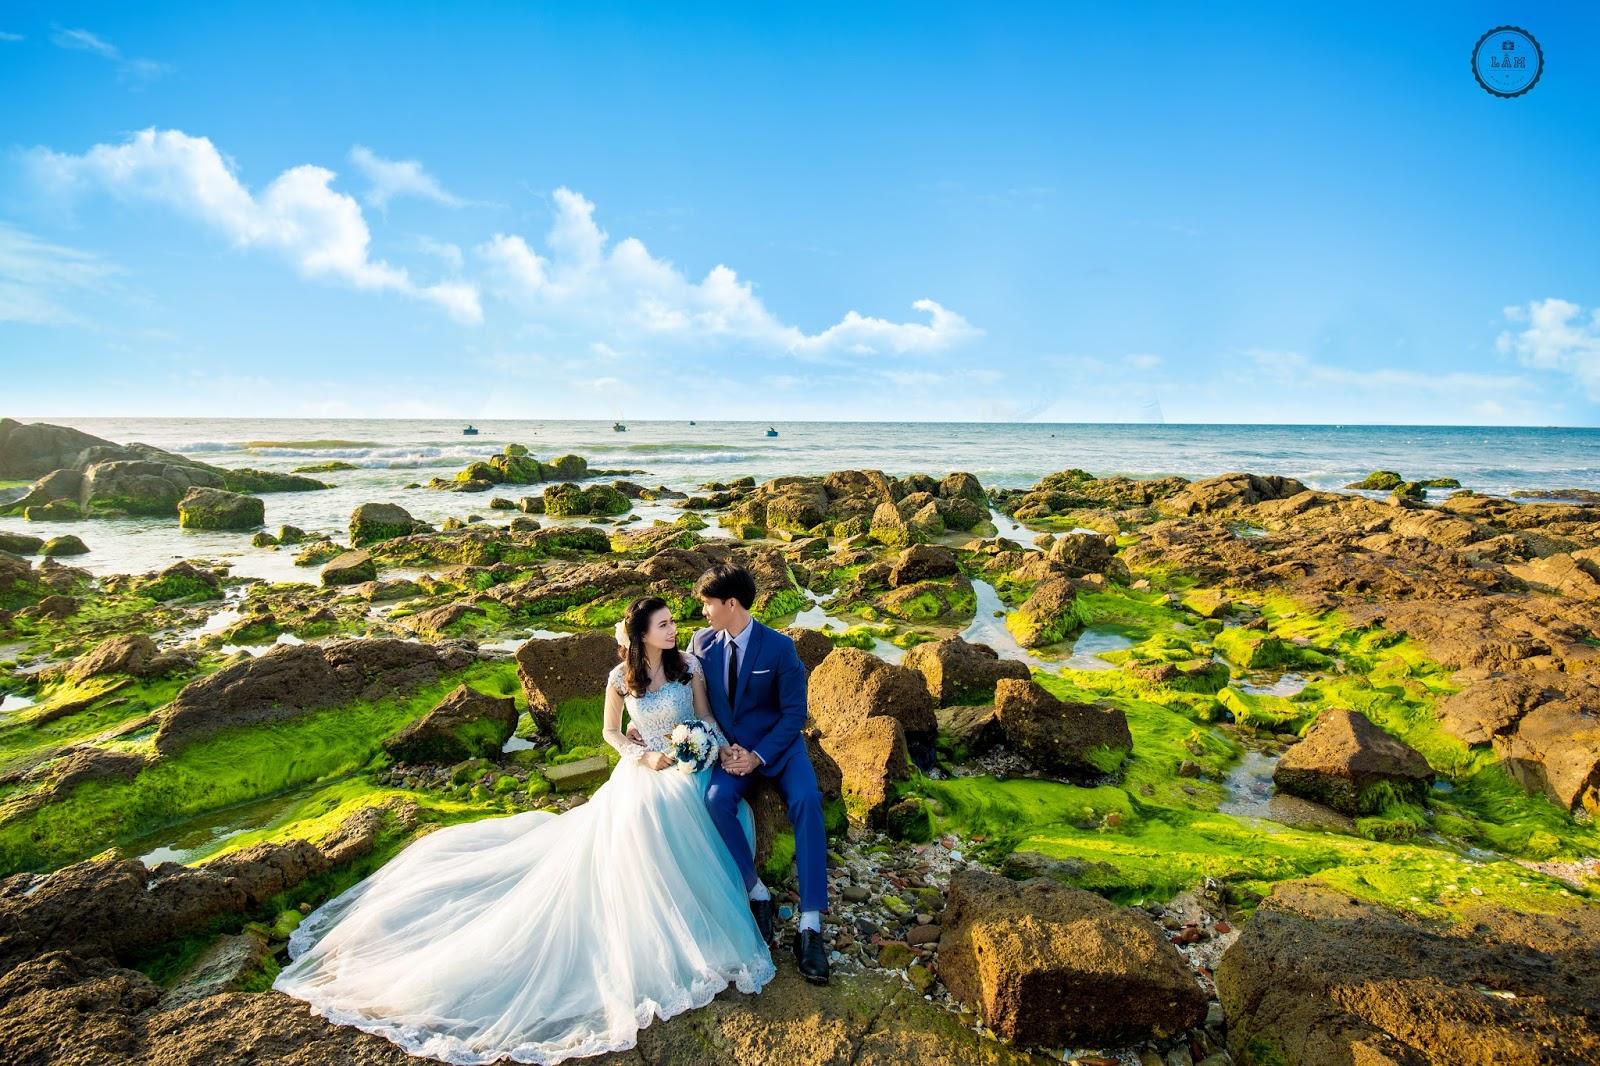 Kết quả hình ảnh cho ảnh cưới ở Bình Thuận